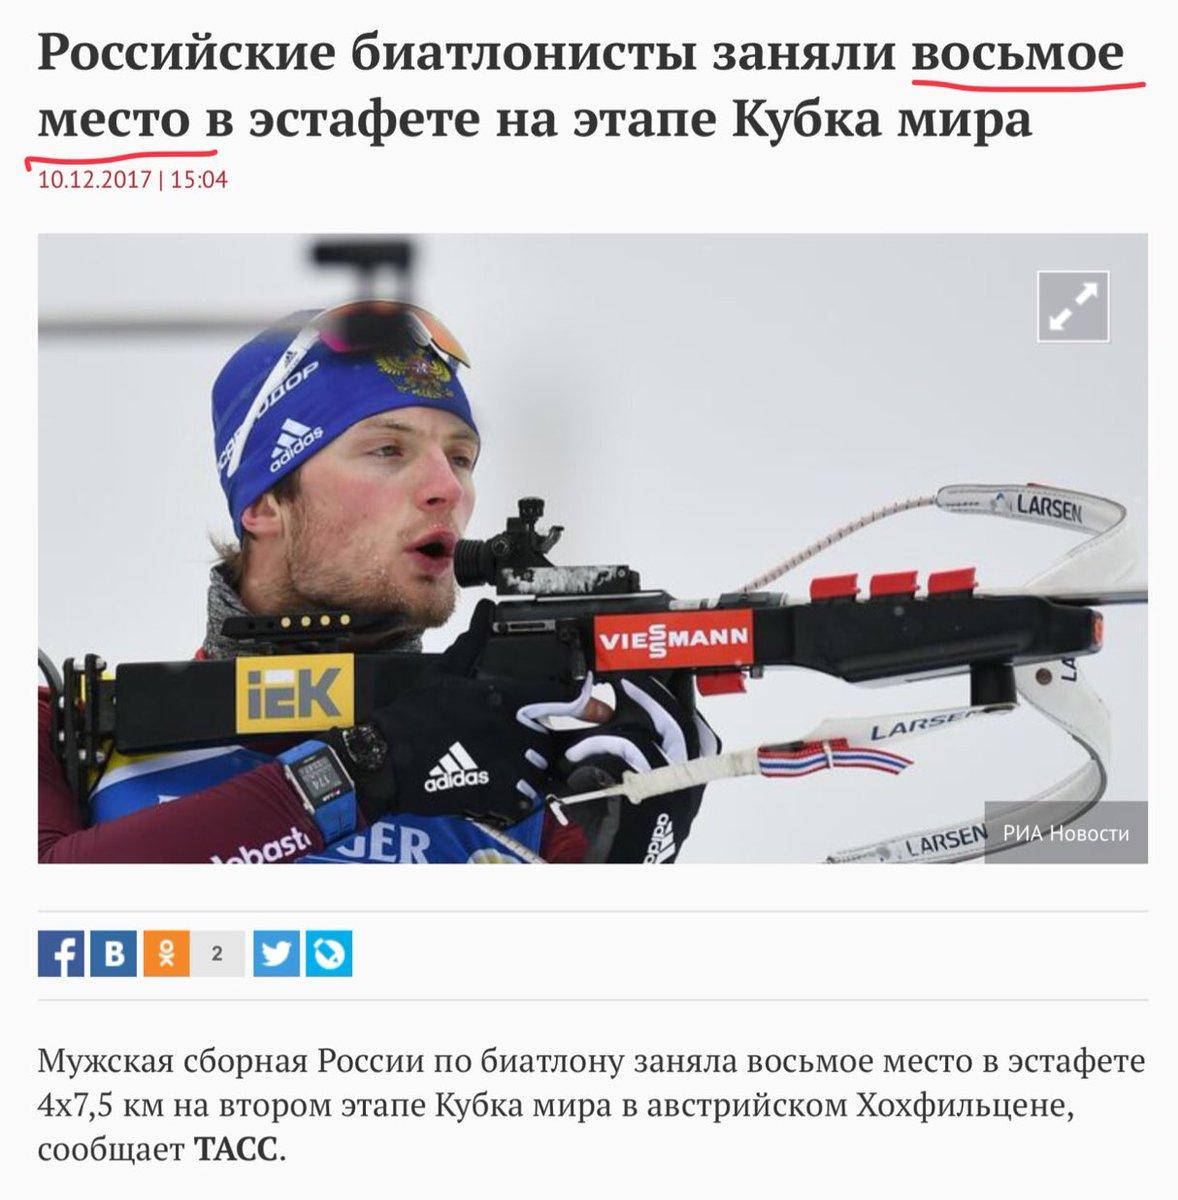 Спортивний арбітражний суд зняв із відсторонених російських спортсменів заборону їхати на Олімпіаду, МОК вимагає пояснень - Цензор.НЕТ 9396